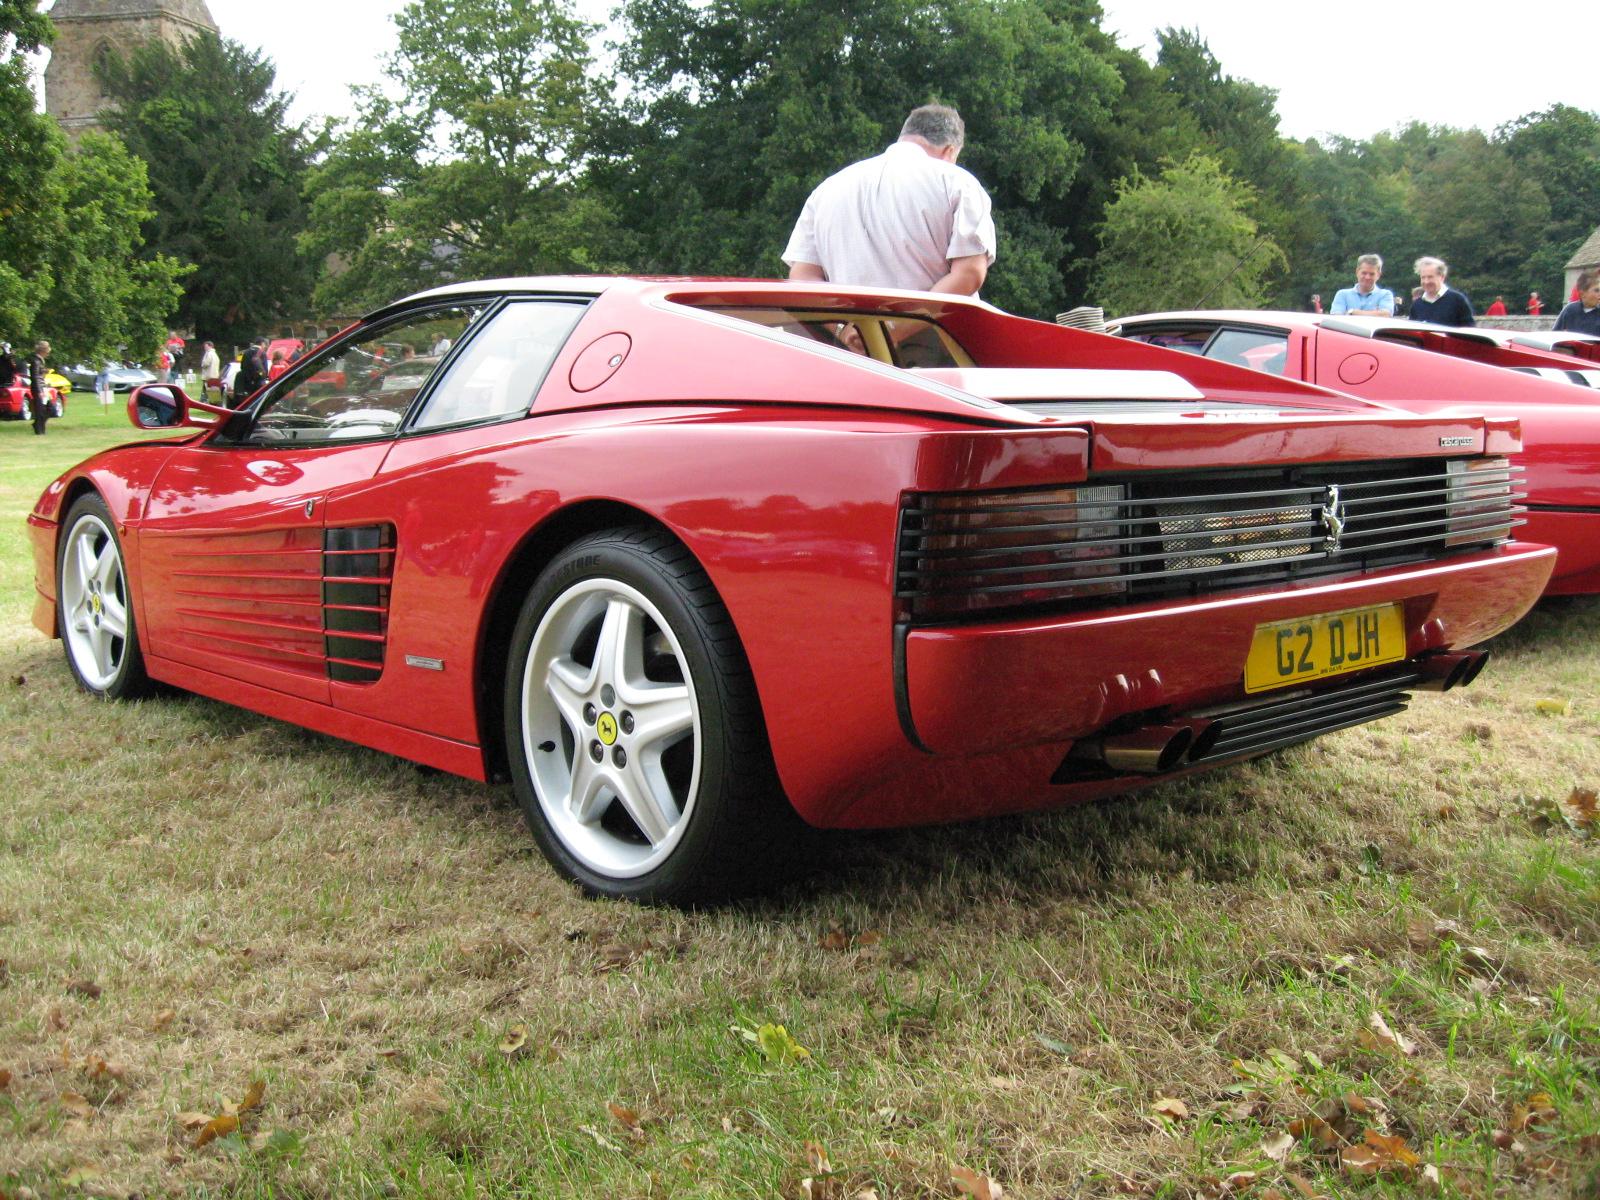 1992 Ferrari 512TR - Pictures - 1991 Ferrari Testarossa pictur ...